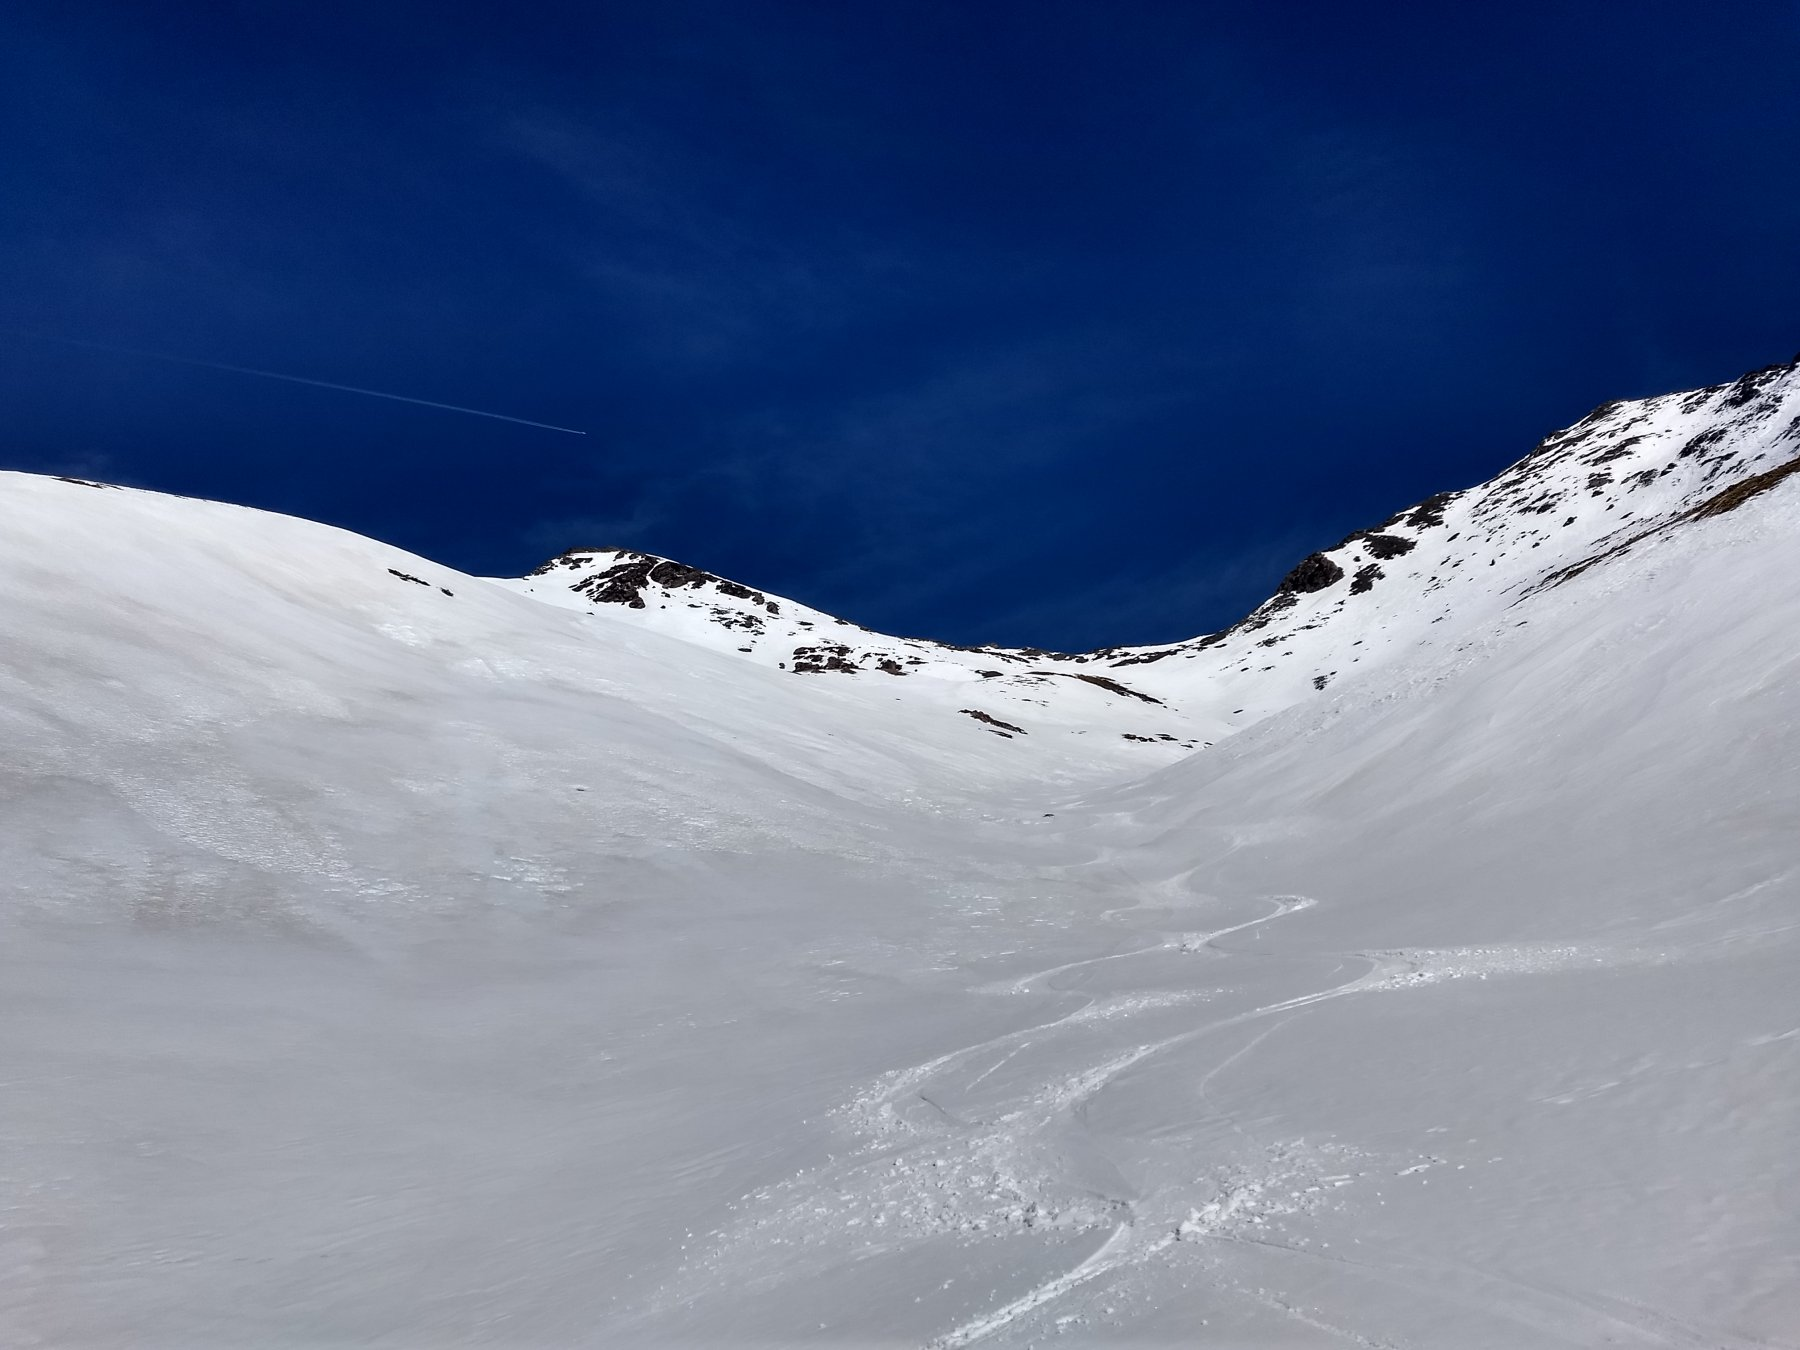 Bella neve e vetta al fondo